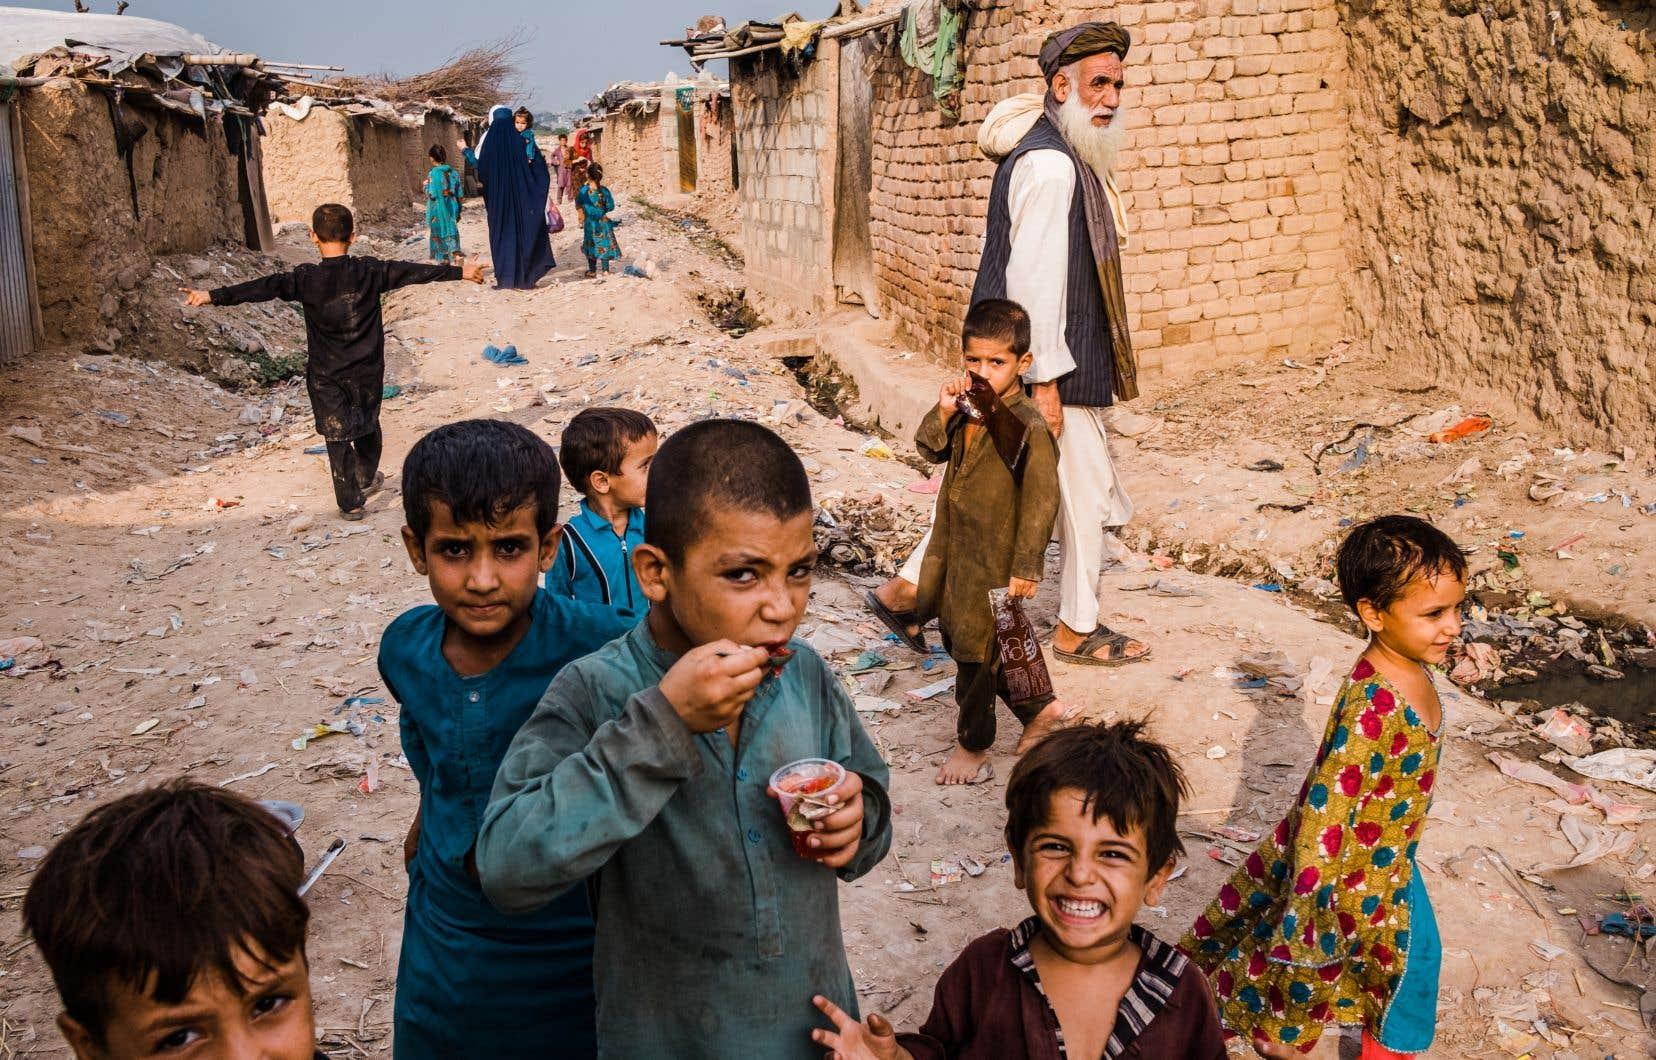 Le village de réfugiés afghans I-12, où s'entassent quelque 8000 personnes dans des maisons de boue.